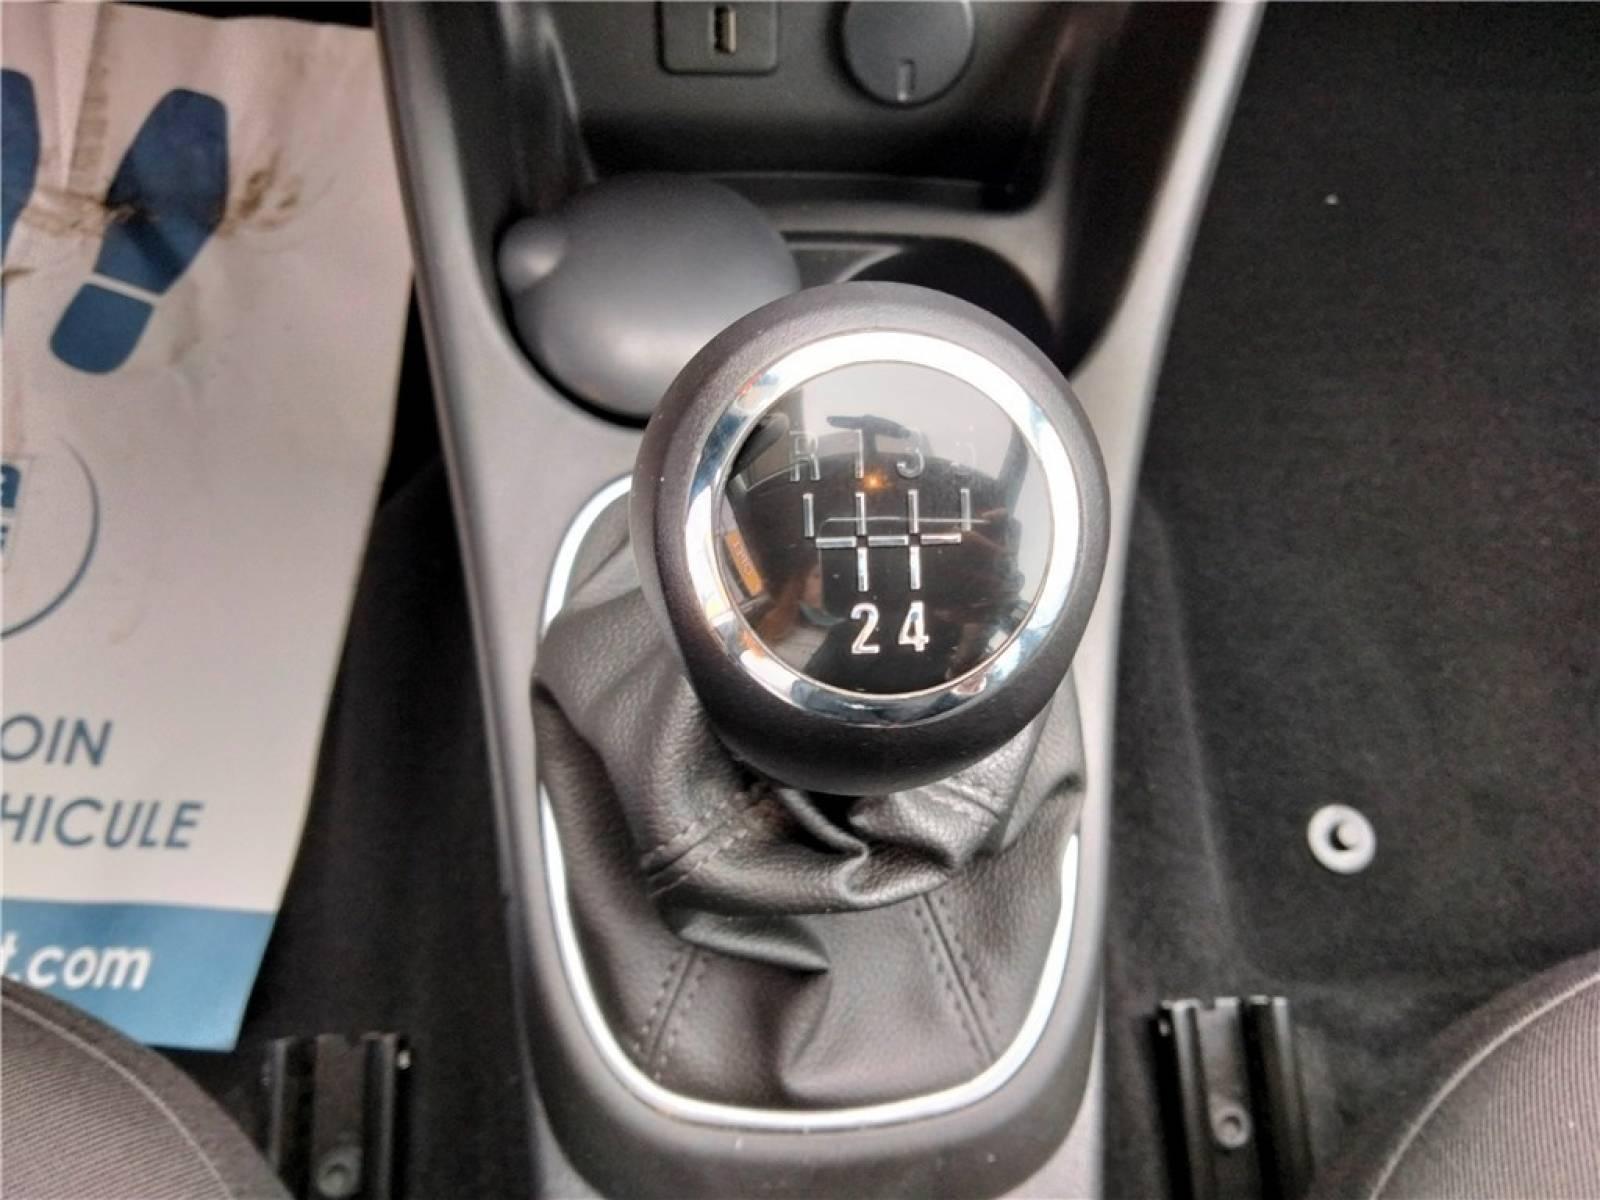 OPEL Corsa 1.4 90 ch - véhicule d'occasion - Groupe Guillet - Opel Magicauto - Chalon-sur-Saône - 71380 - Saint-Marcel - 29